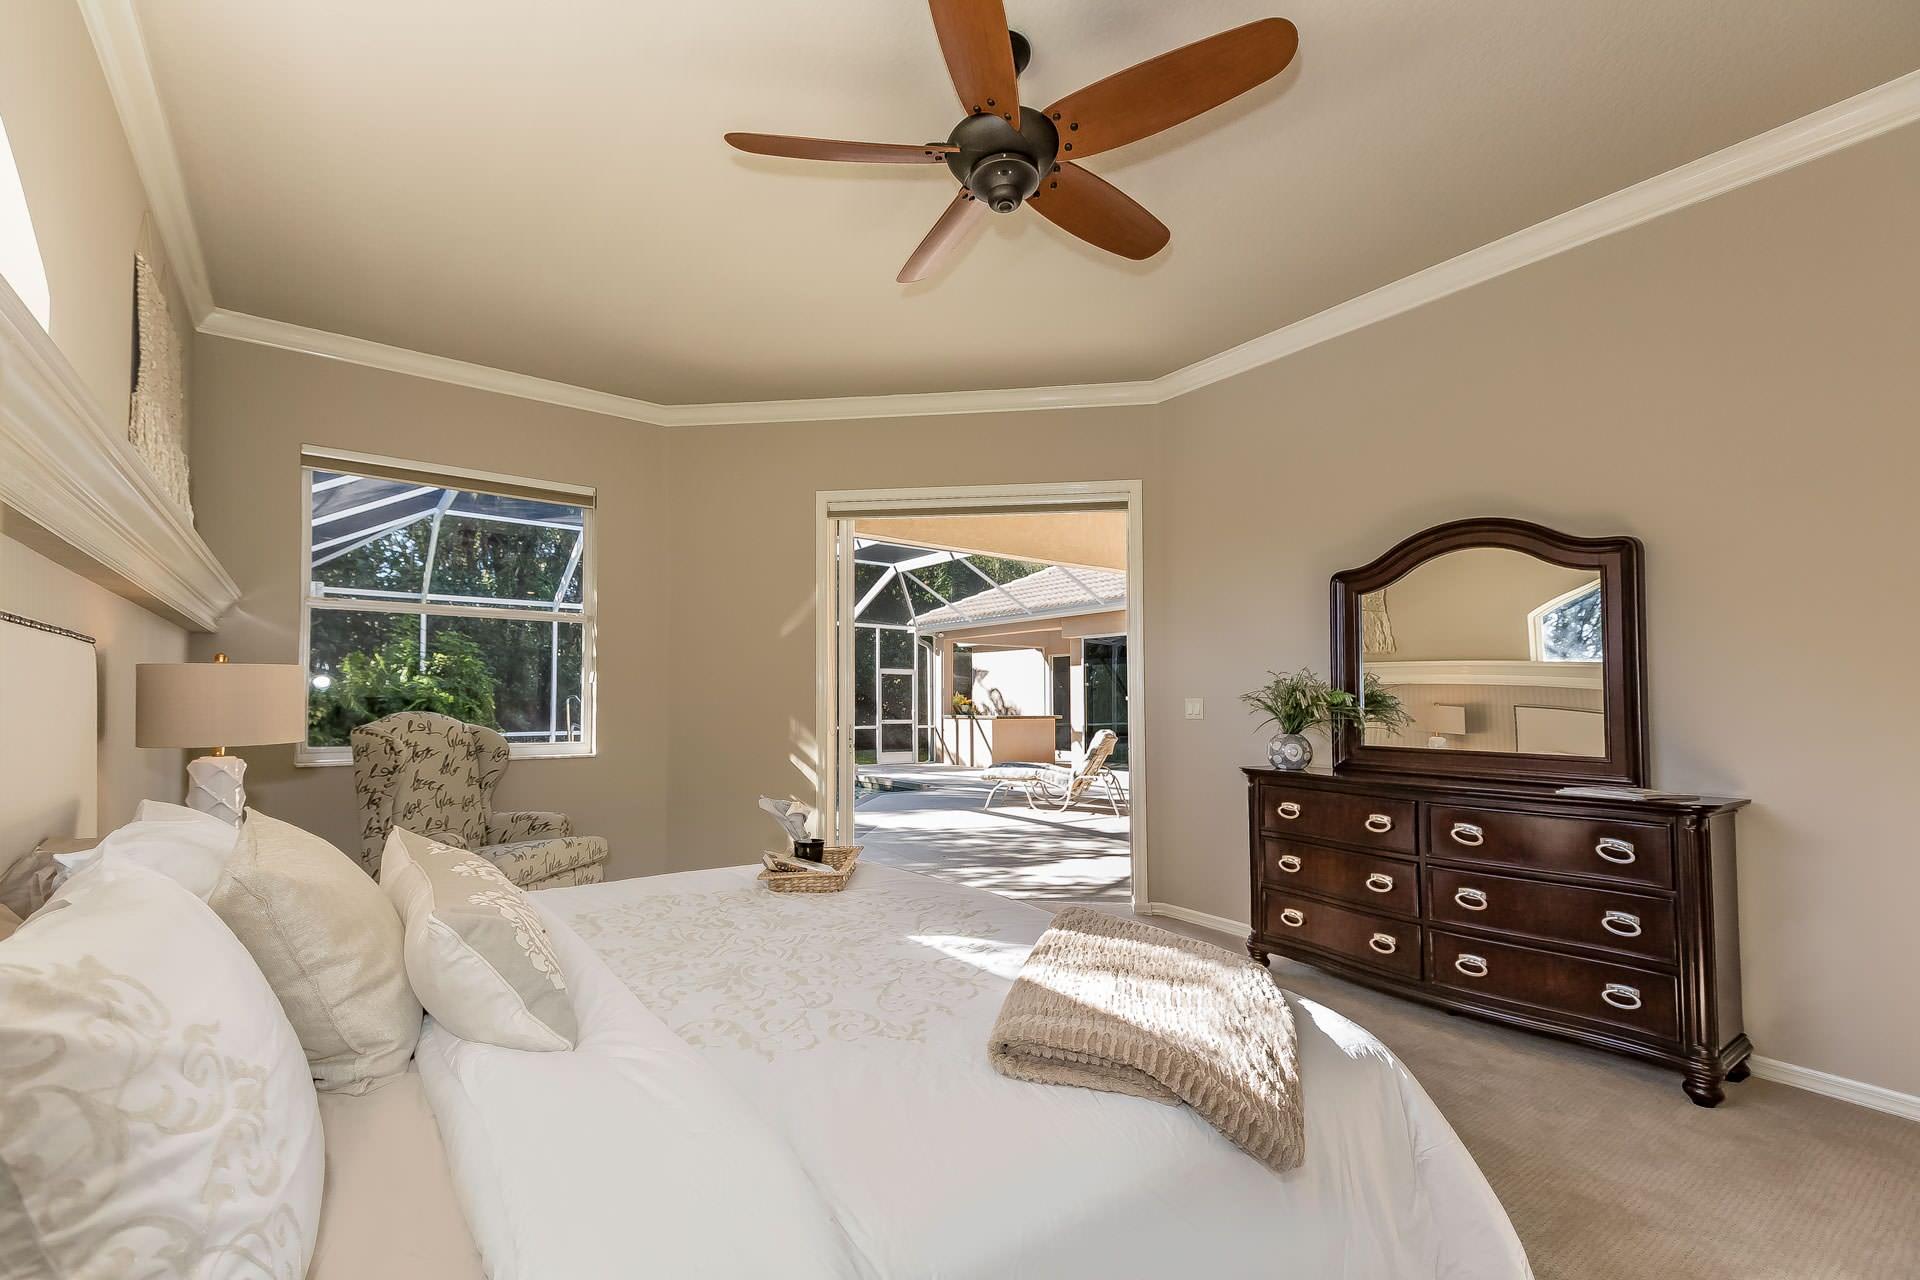 Home in The Hammocks, Sarasota